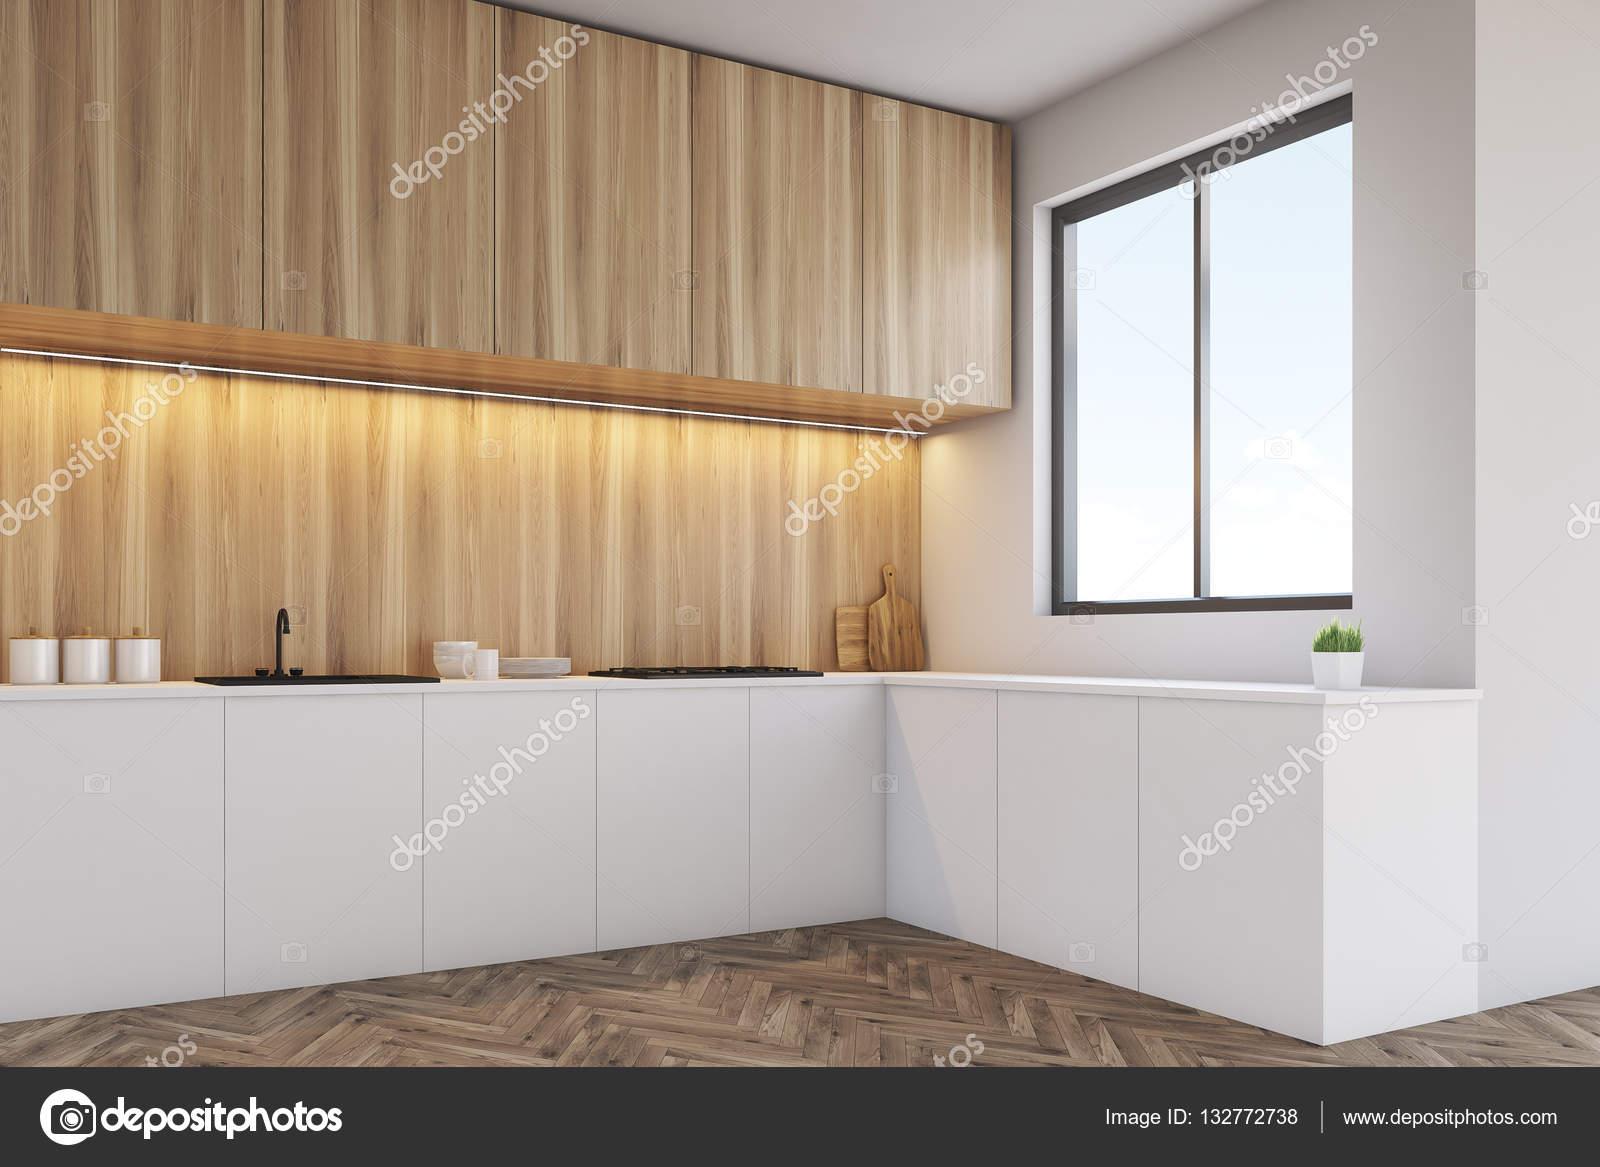 Ecke von einem Küche Zähler nach oben mit hellen Holzmöbeln, getönt ...